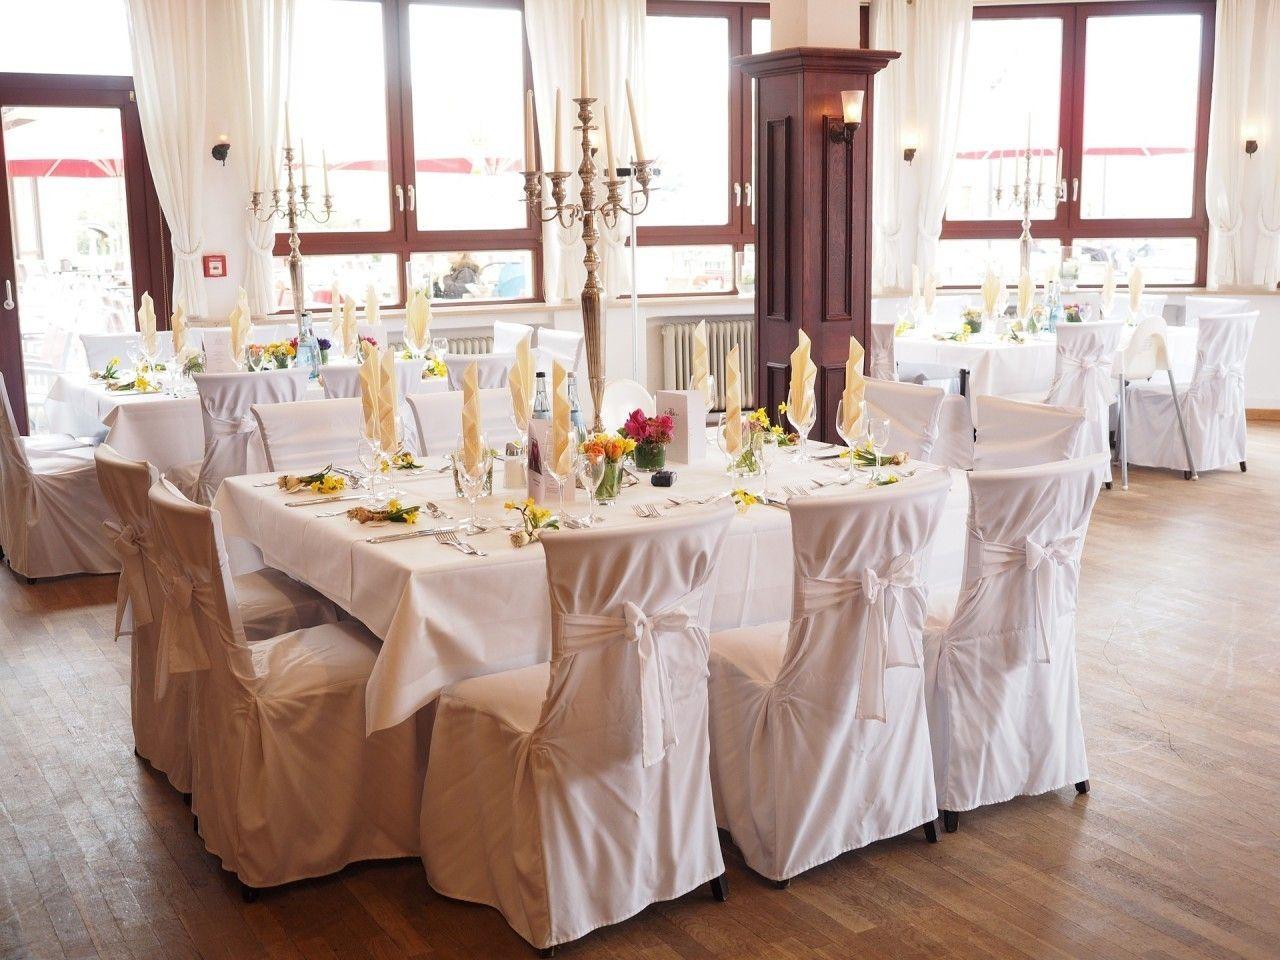 Ausgefallene und stilvolle TischdekoIdeen  dekorieren